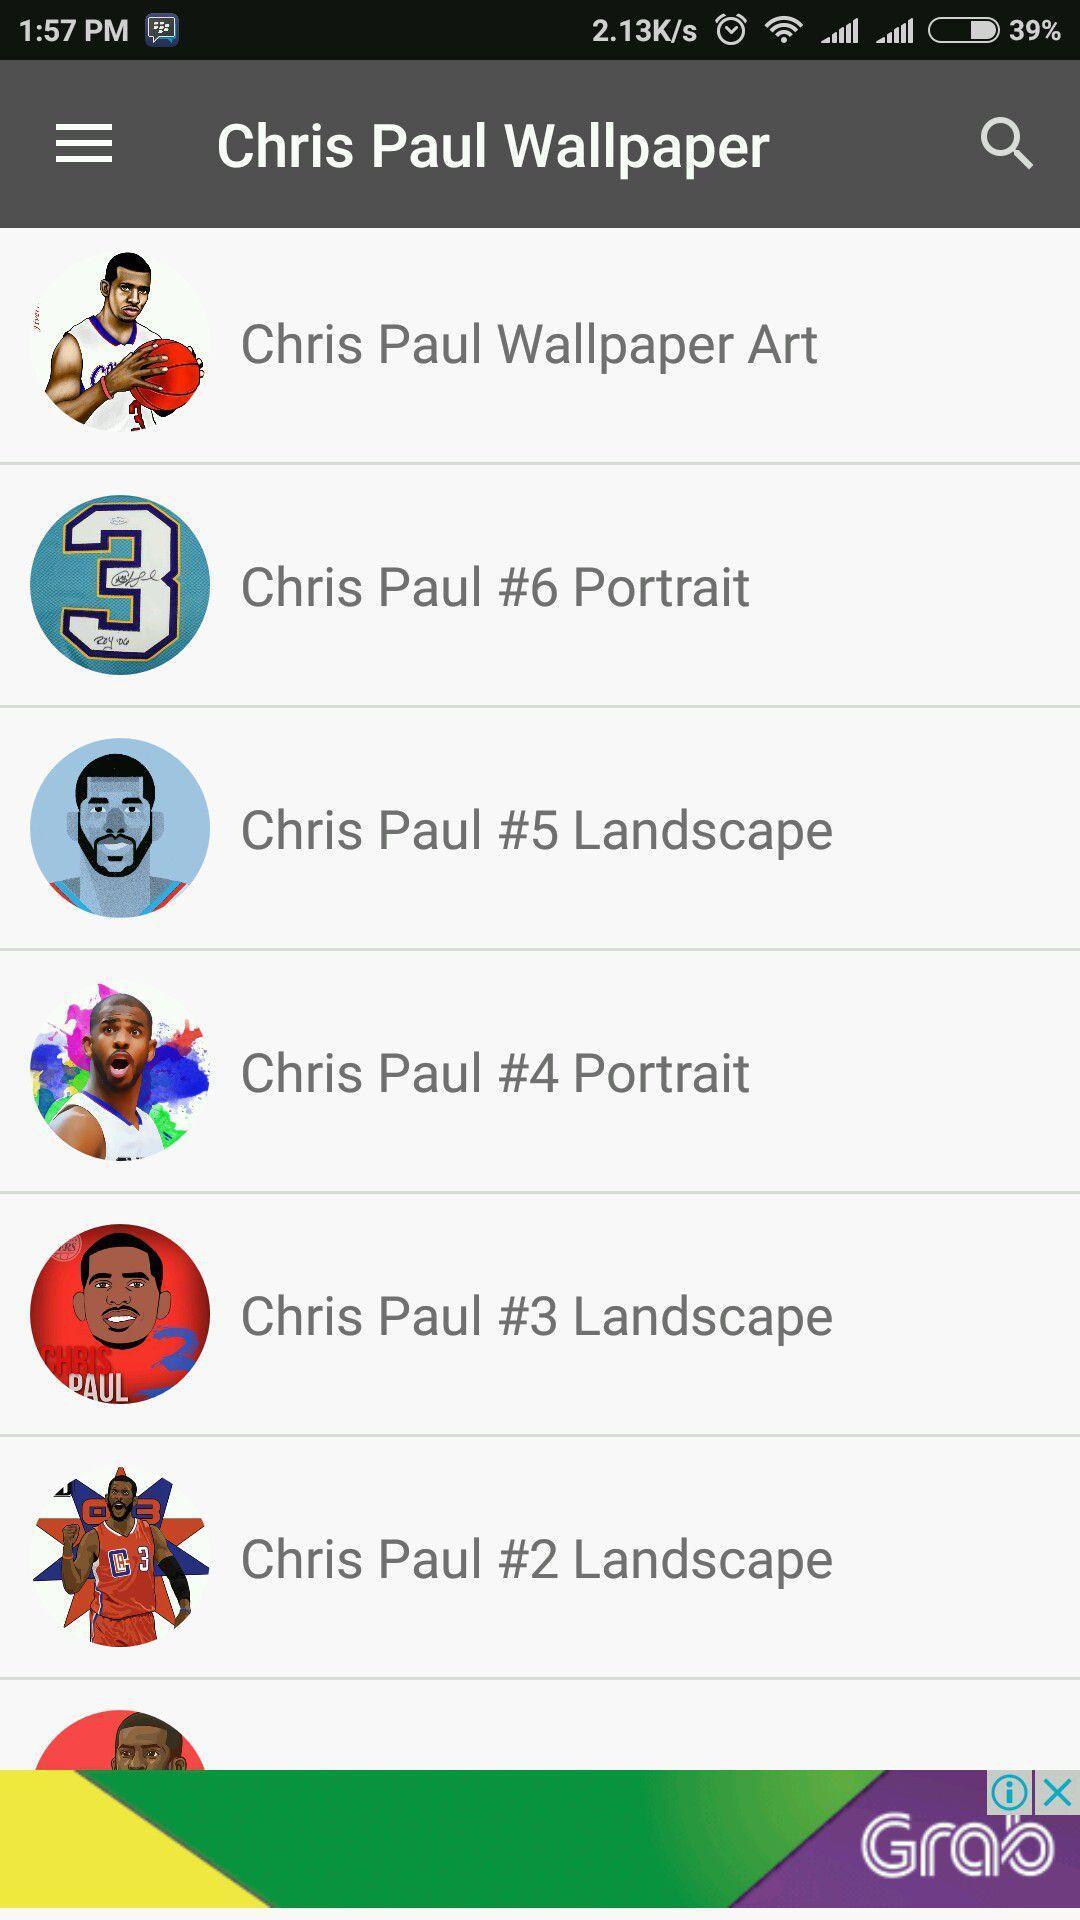 Chris Paul Wallpaper NBA poster